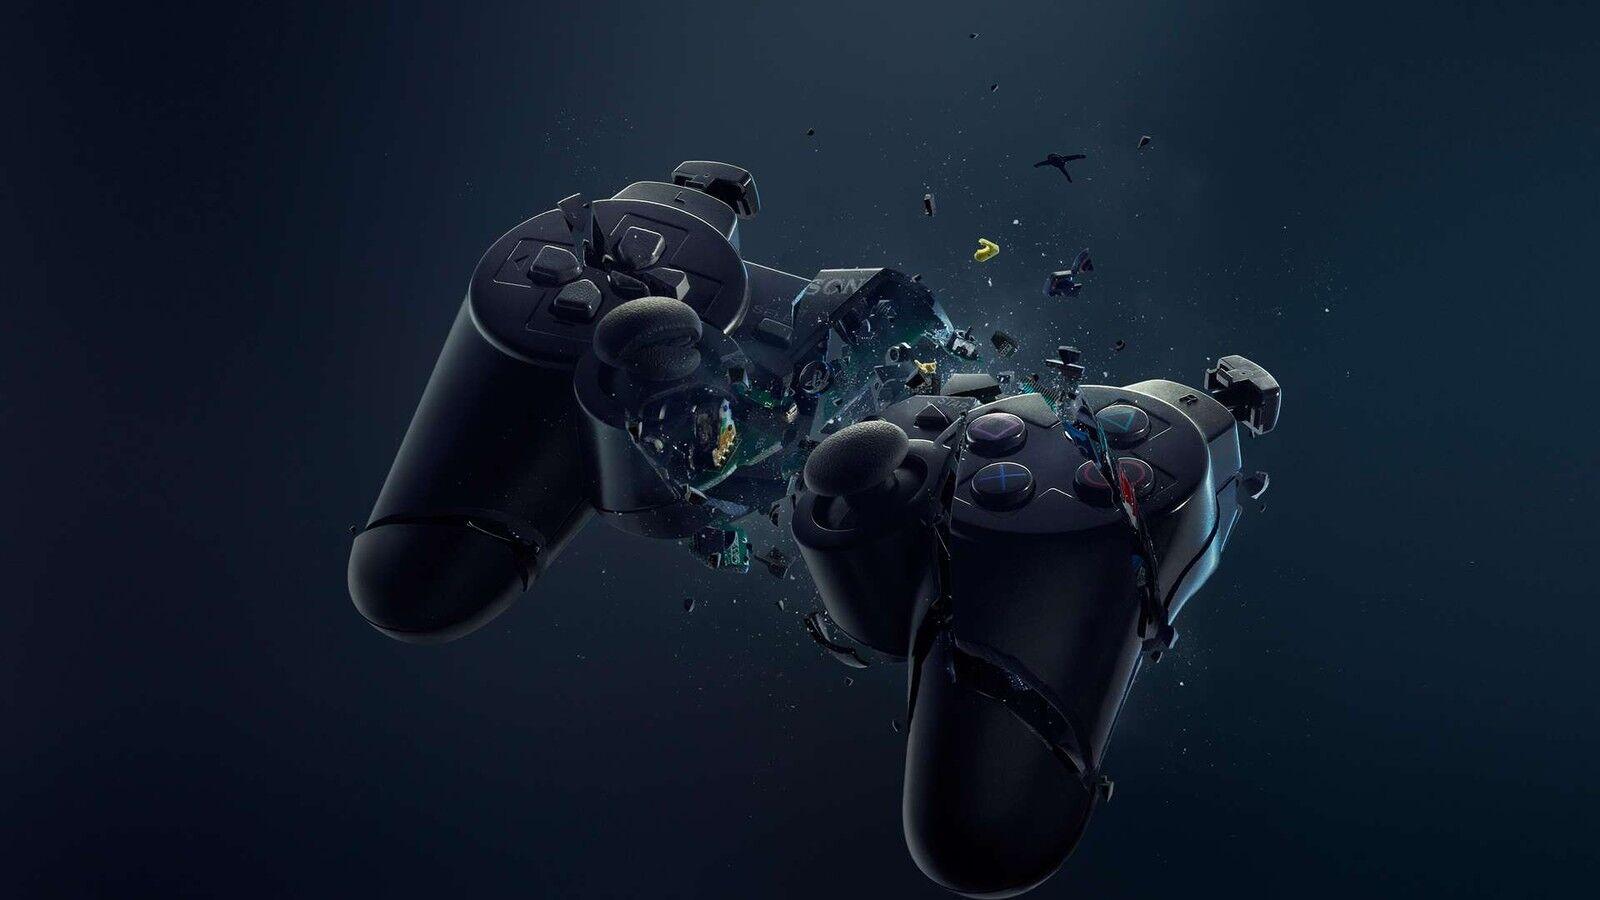 igor gaming